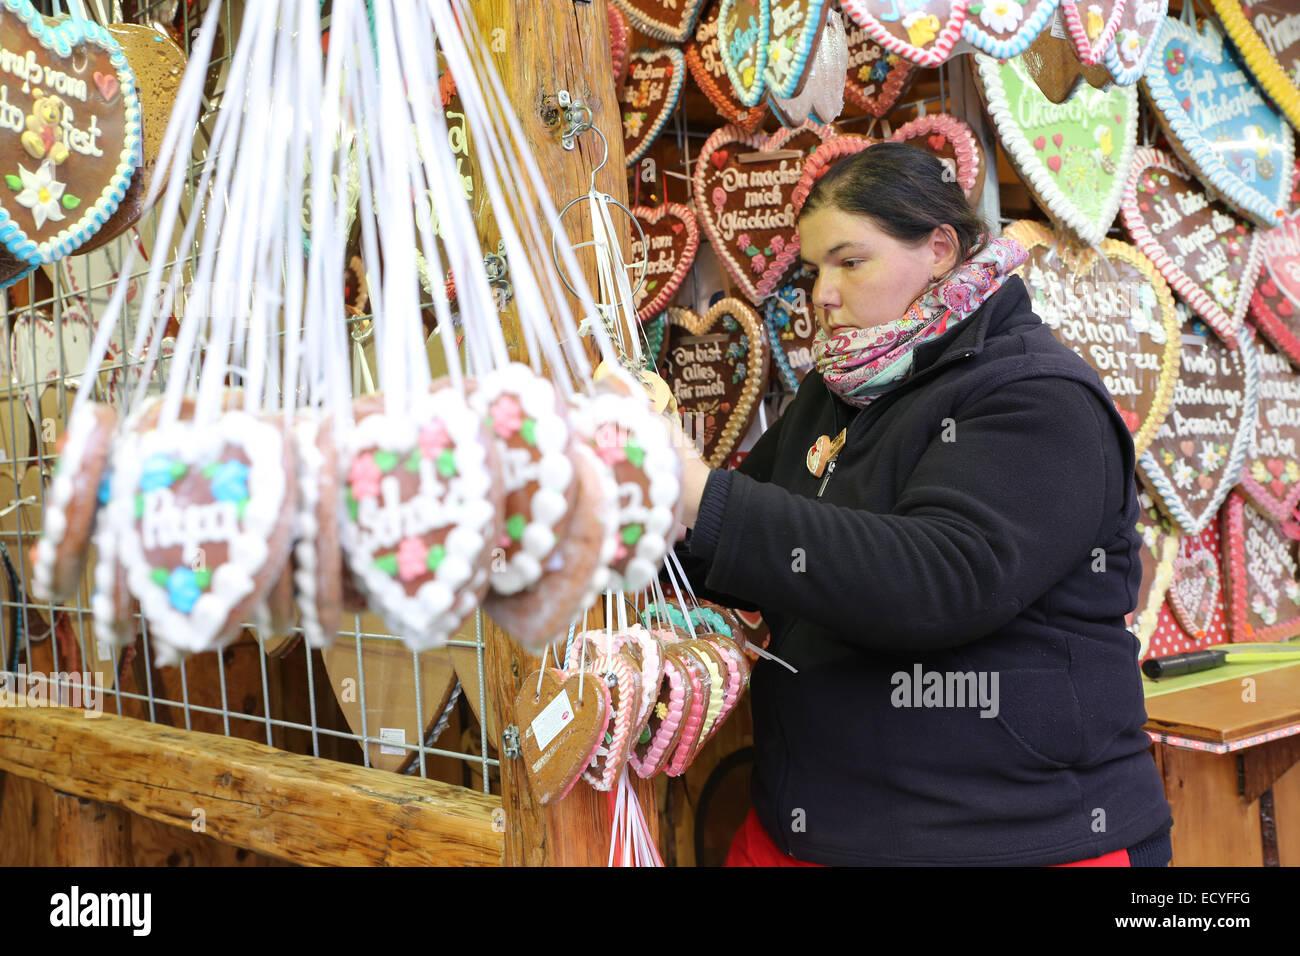 L'excès de graisse obsédée woman shopping ginger bread cookie Oktoberfest Munich Photo Stock